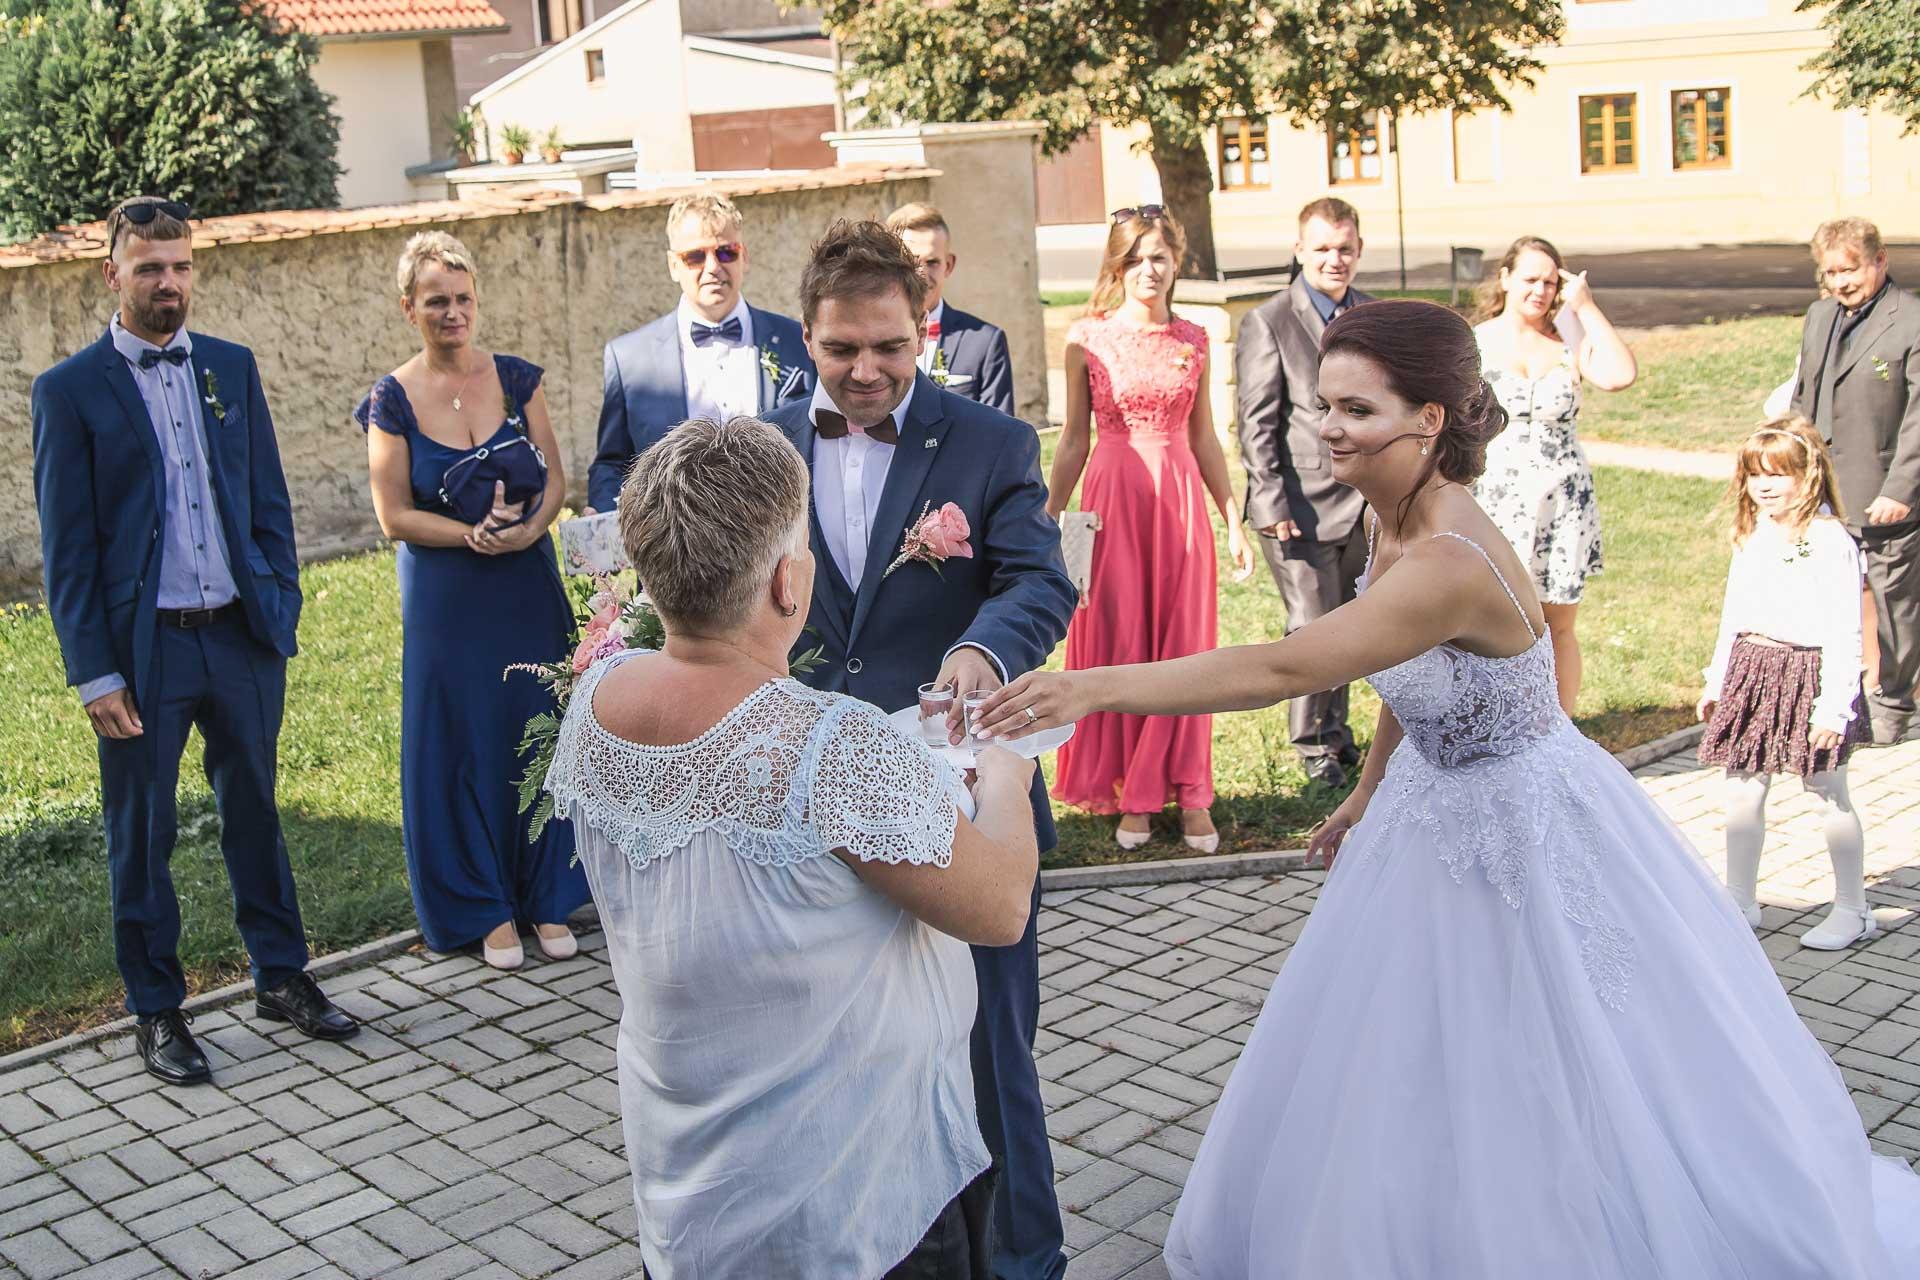 svatební-fotografie-Říp-svatební-video-ŘÍP-svatební-fotograf-ŘÍP-svatba-Mělník-svatba-Neratovice-fotograf-na-savtbu-kameraman-na-svatbu-219